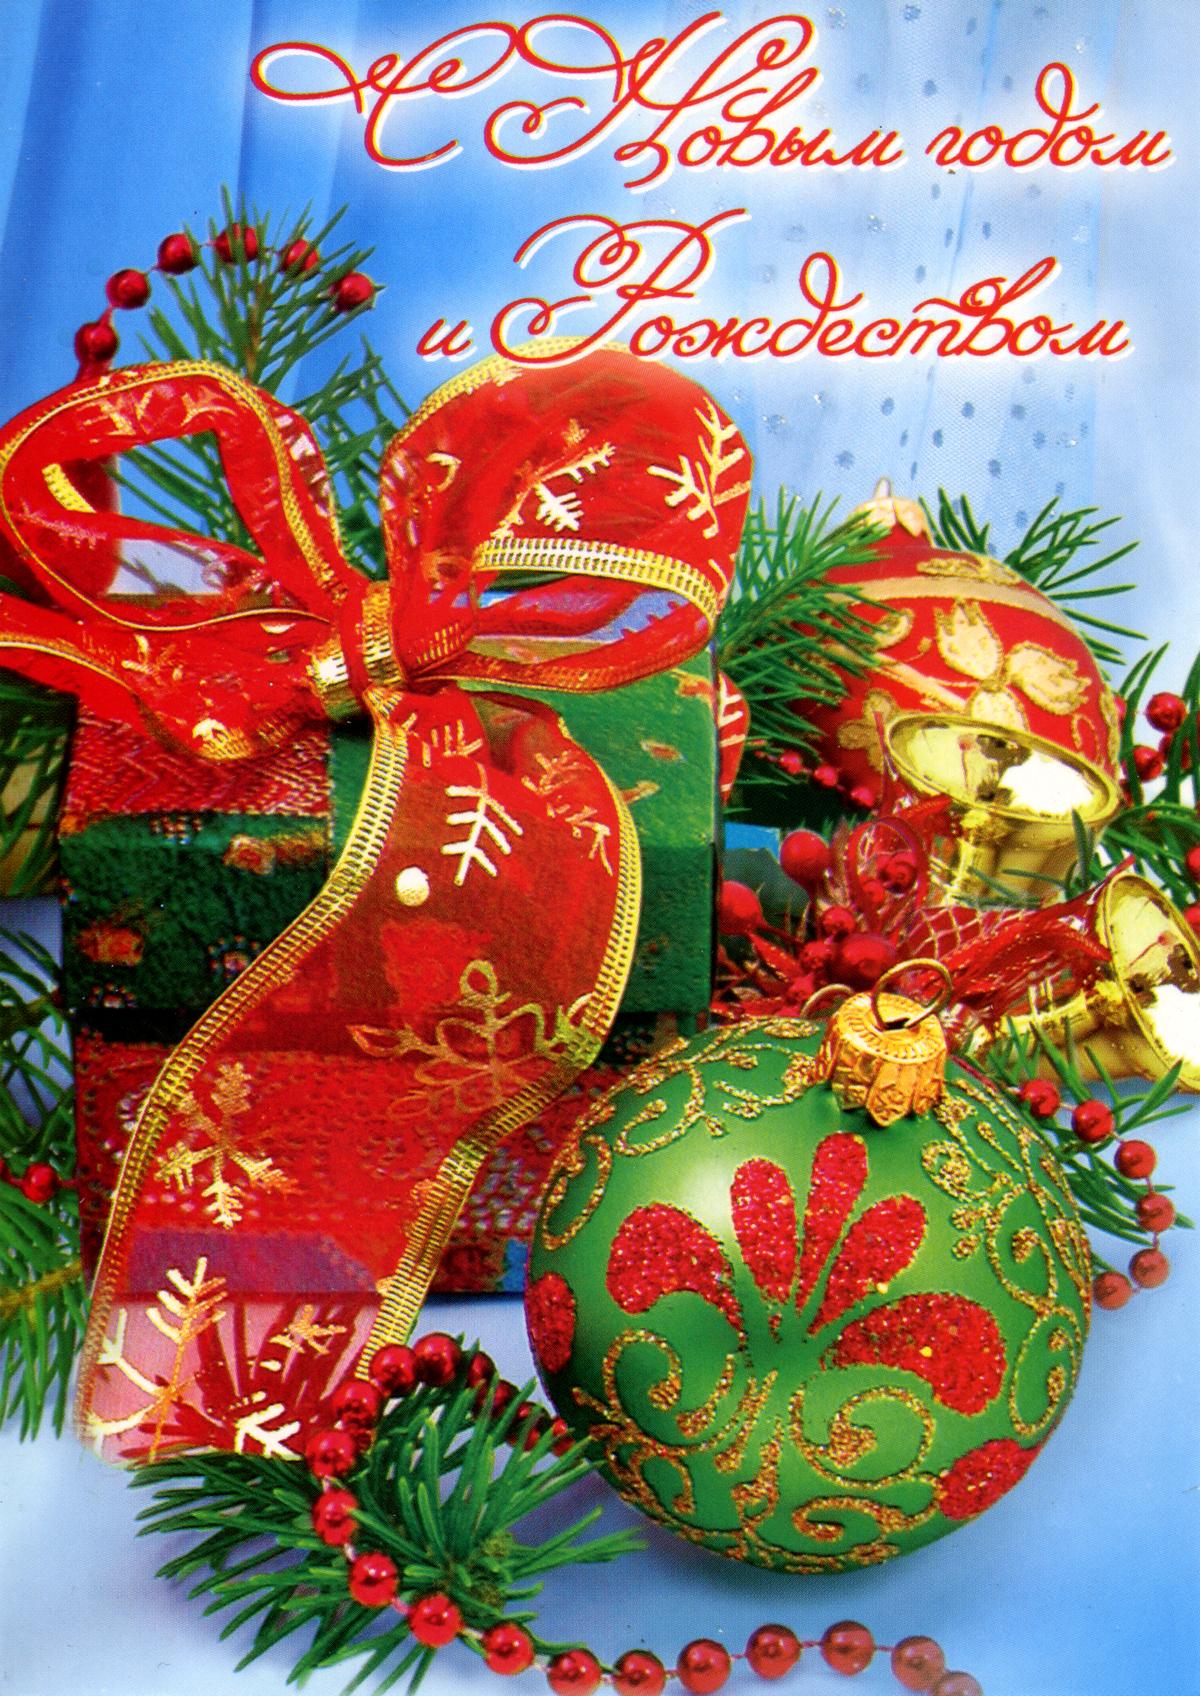 картинки с наступающими праздниками рождеством и новым годом важнее внешняя пыль